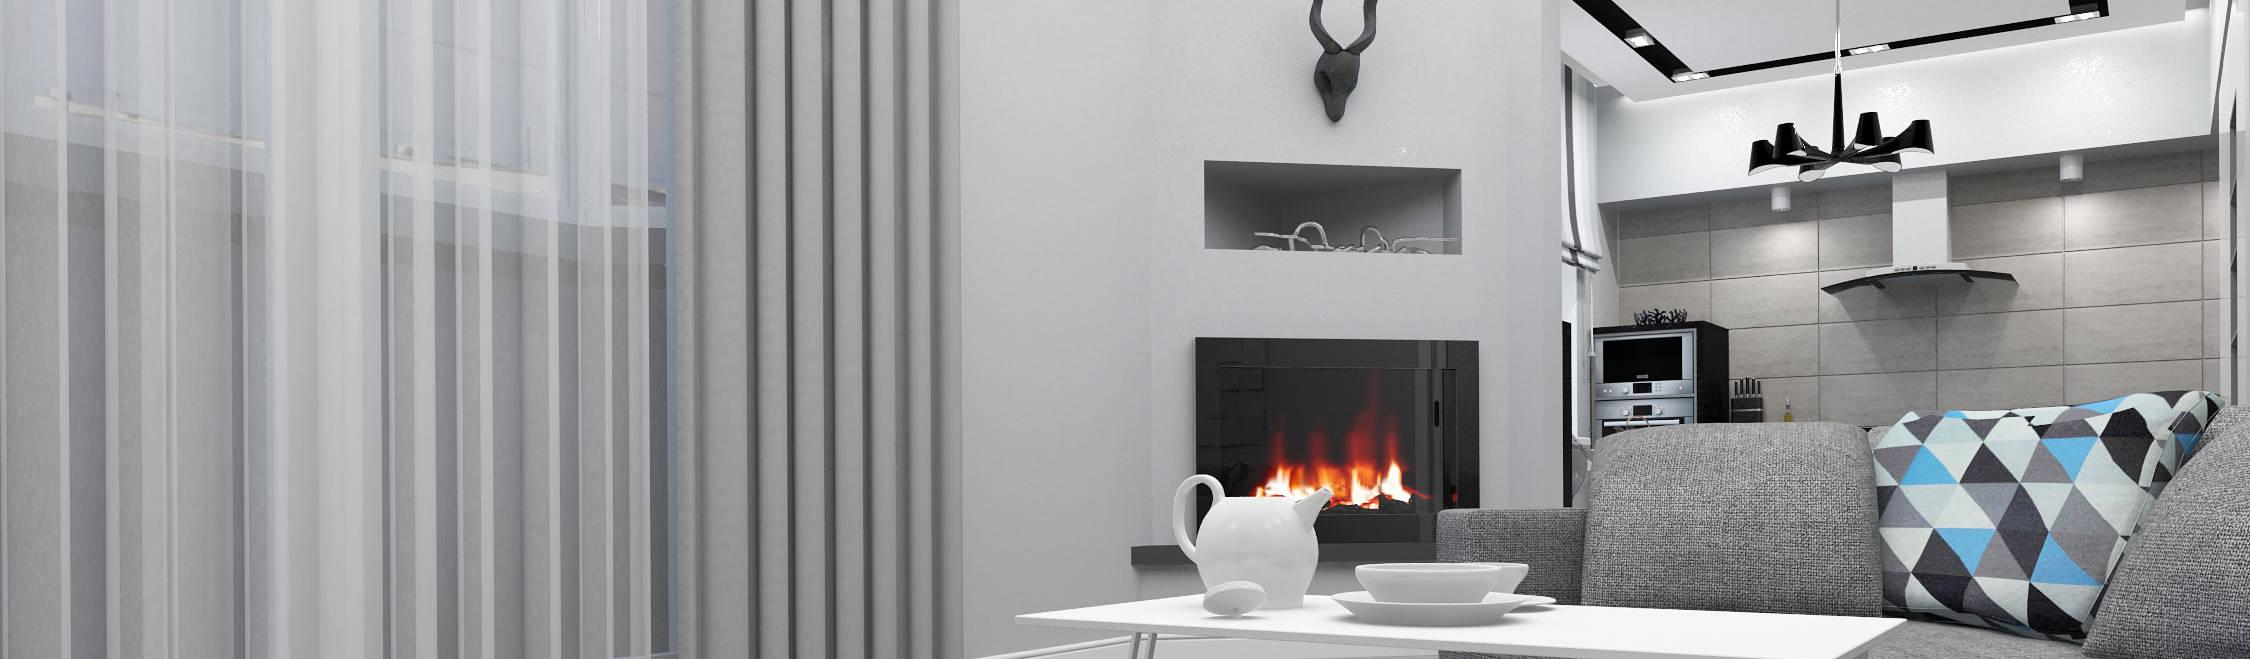 Студия дизайна и декора Светланы Фрунзе